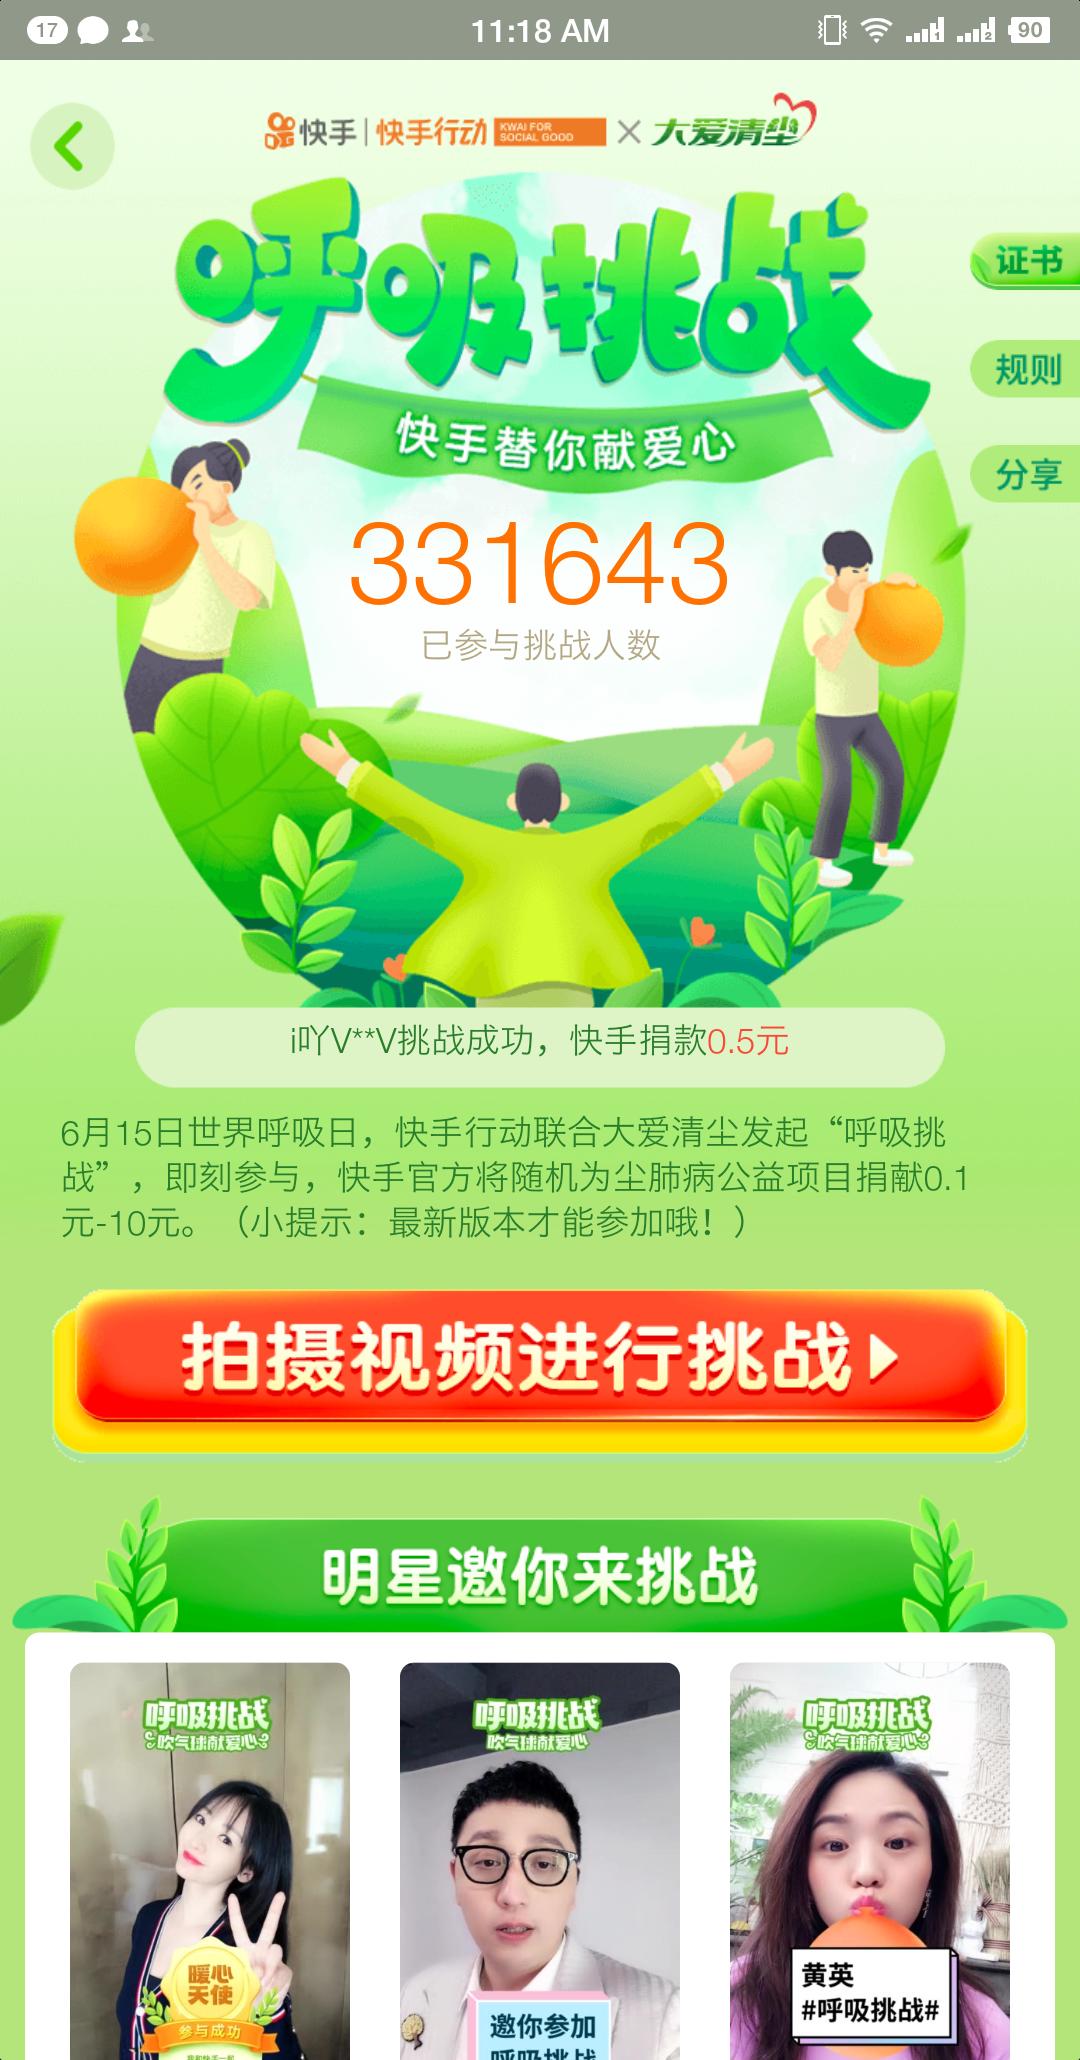 """3天33万人参与!快手联合大爱清尘发起""""呼吸挑战""""关注尘肺病人"""